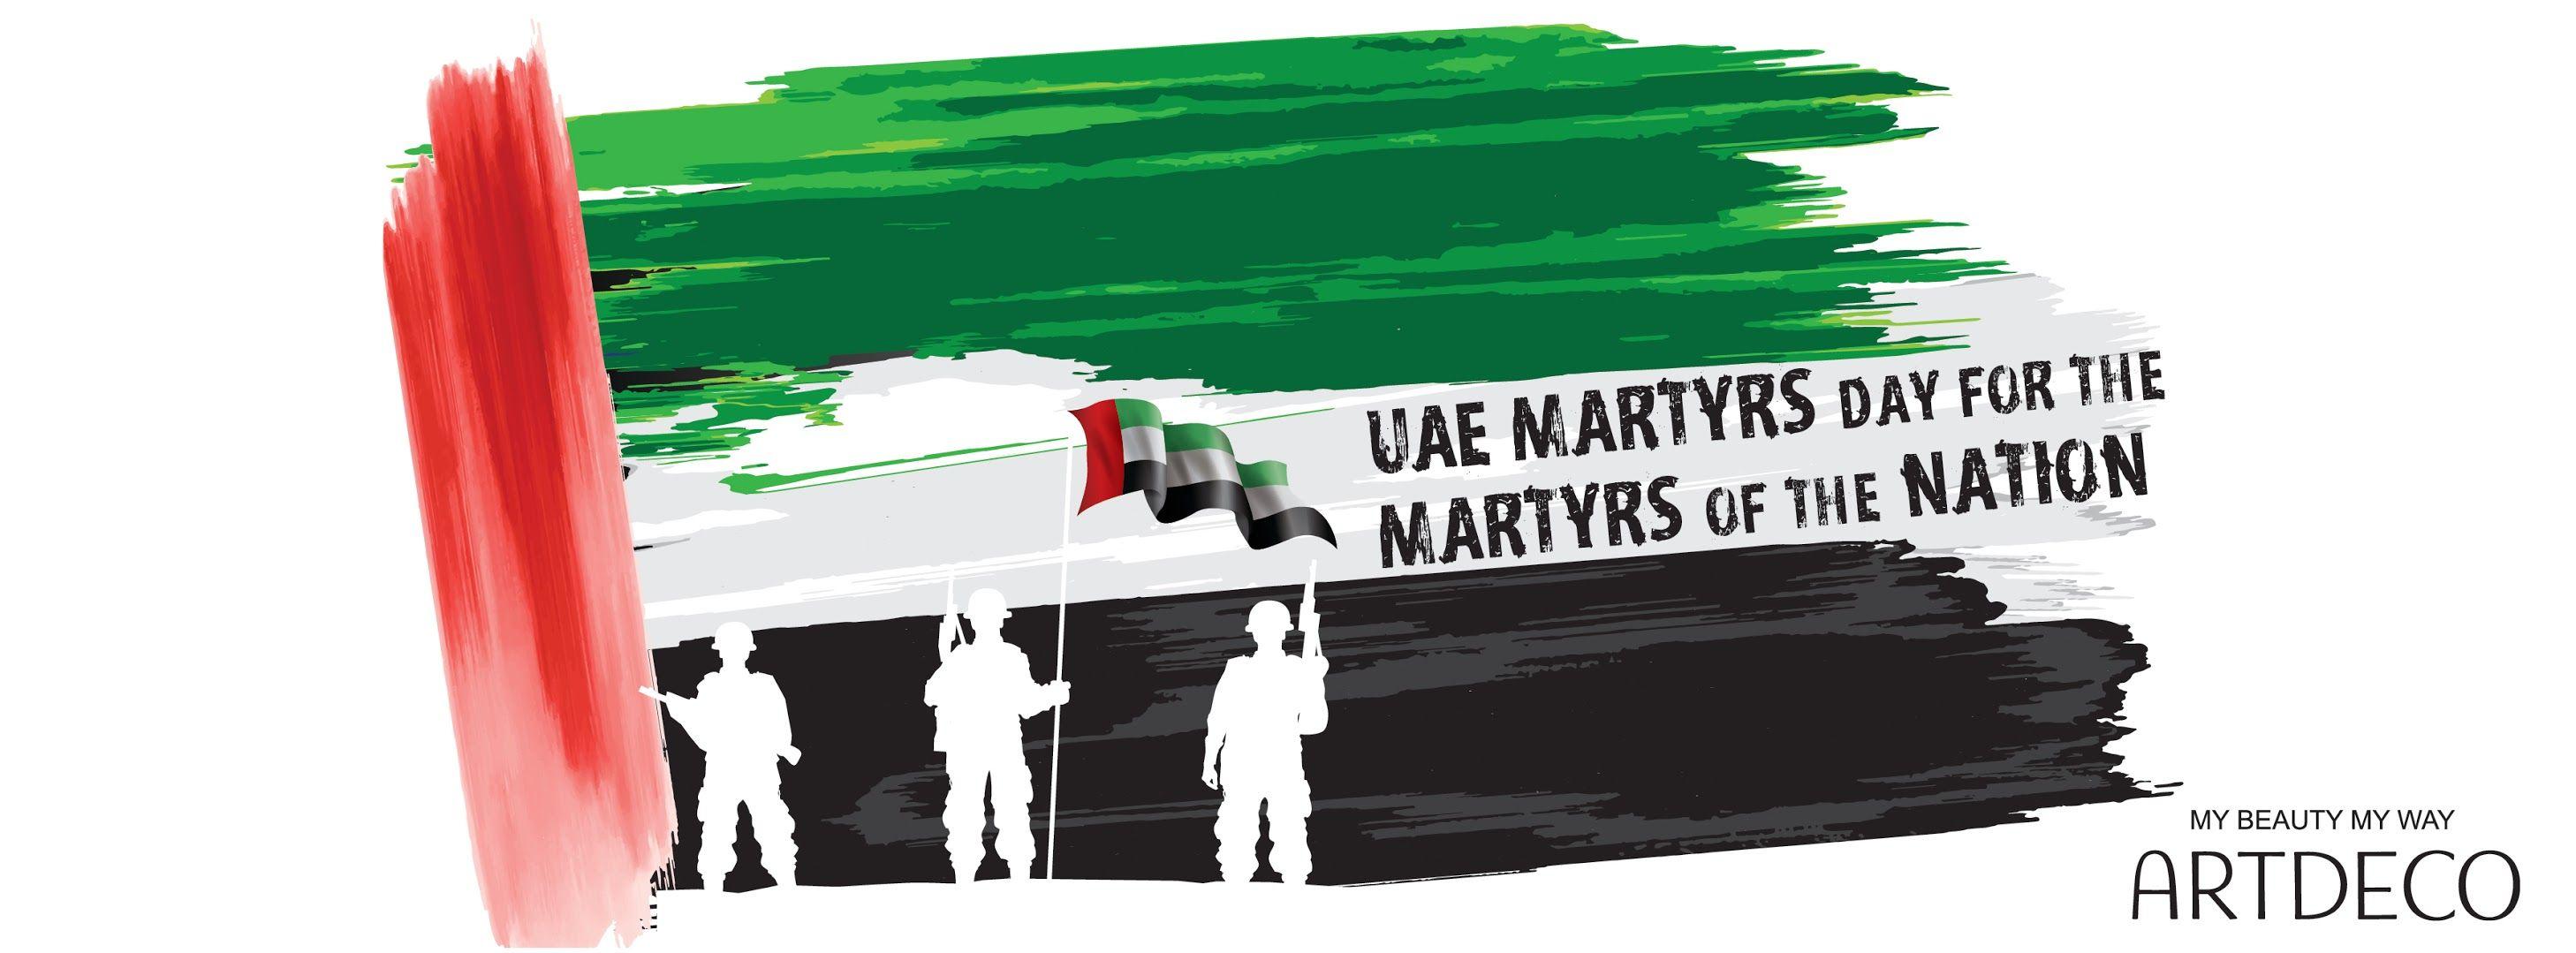 نتيجة بحث الصور عن Martyr S Day Uae Martyrs Day Martyrs Day